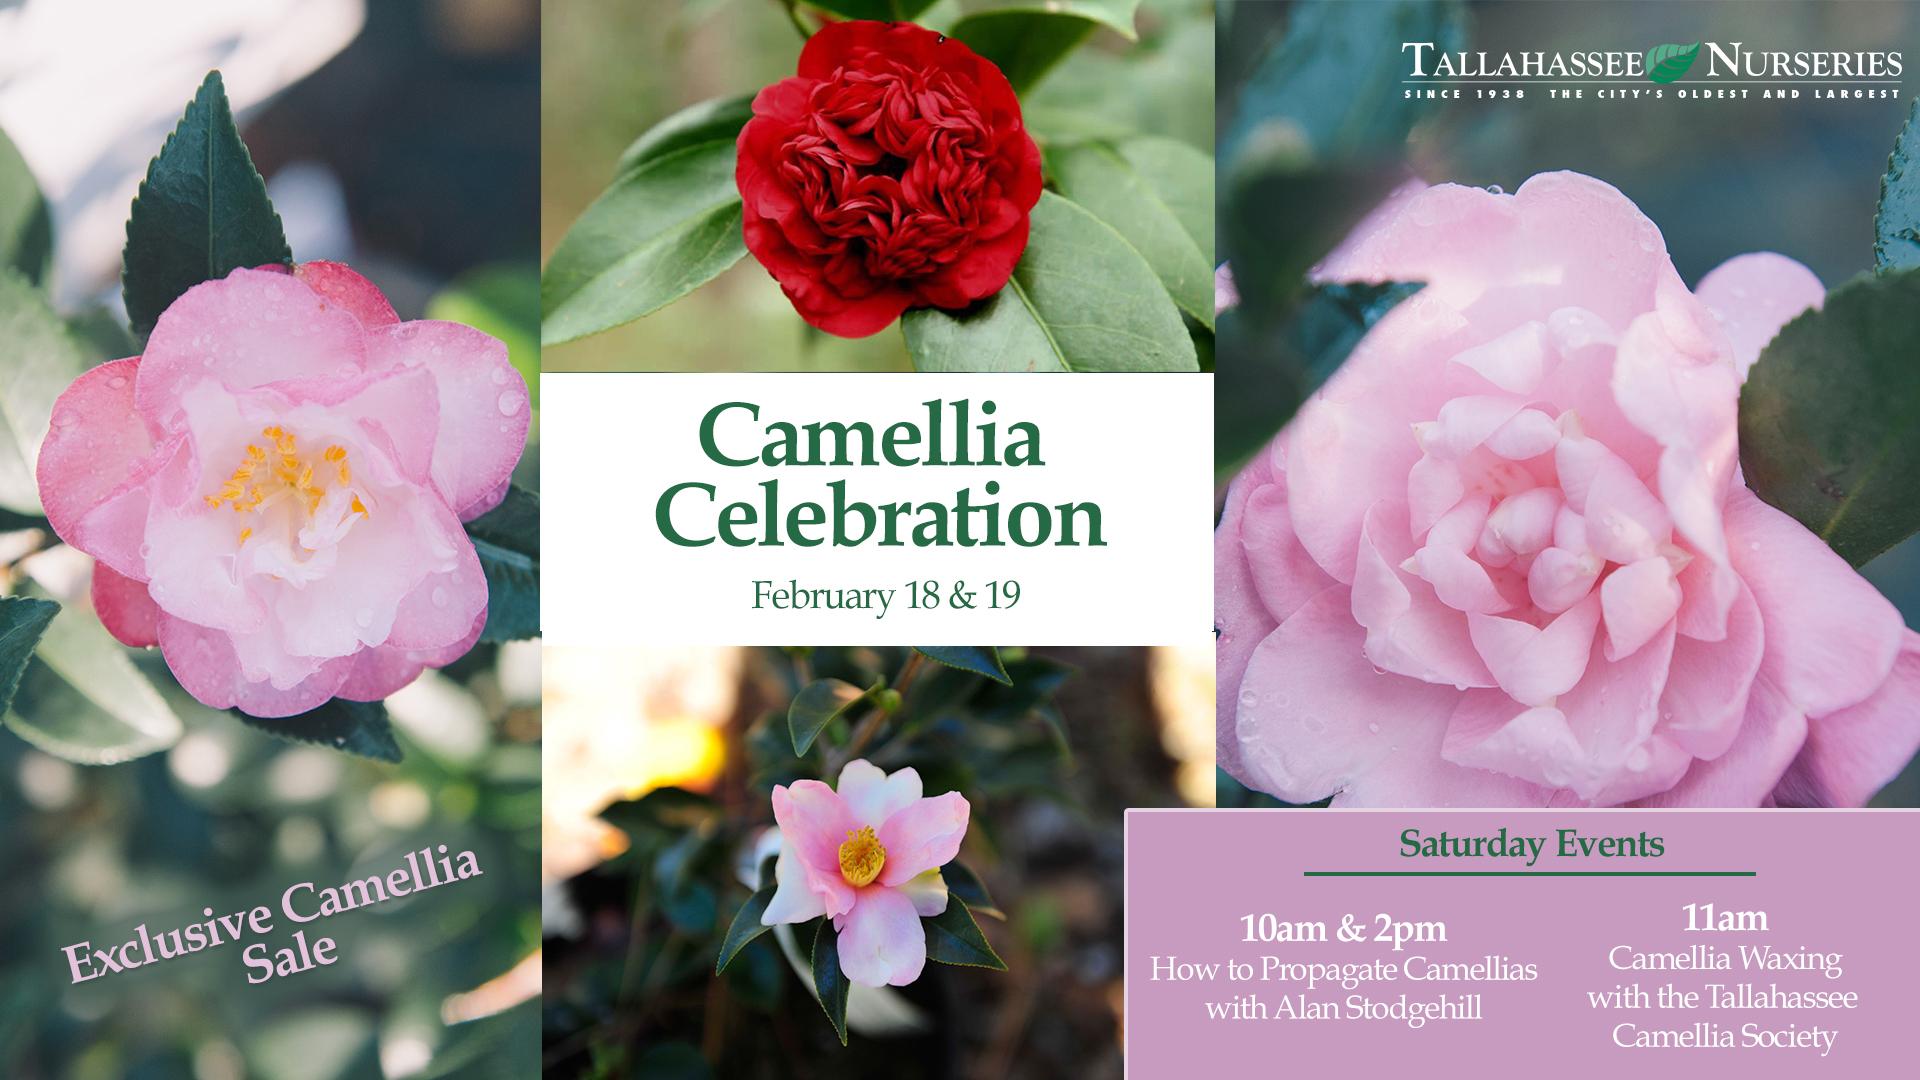 Camellia Celebration Sale Tallahassee Nurseries